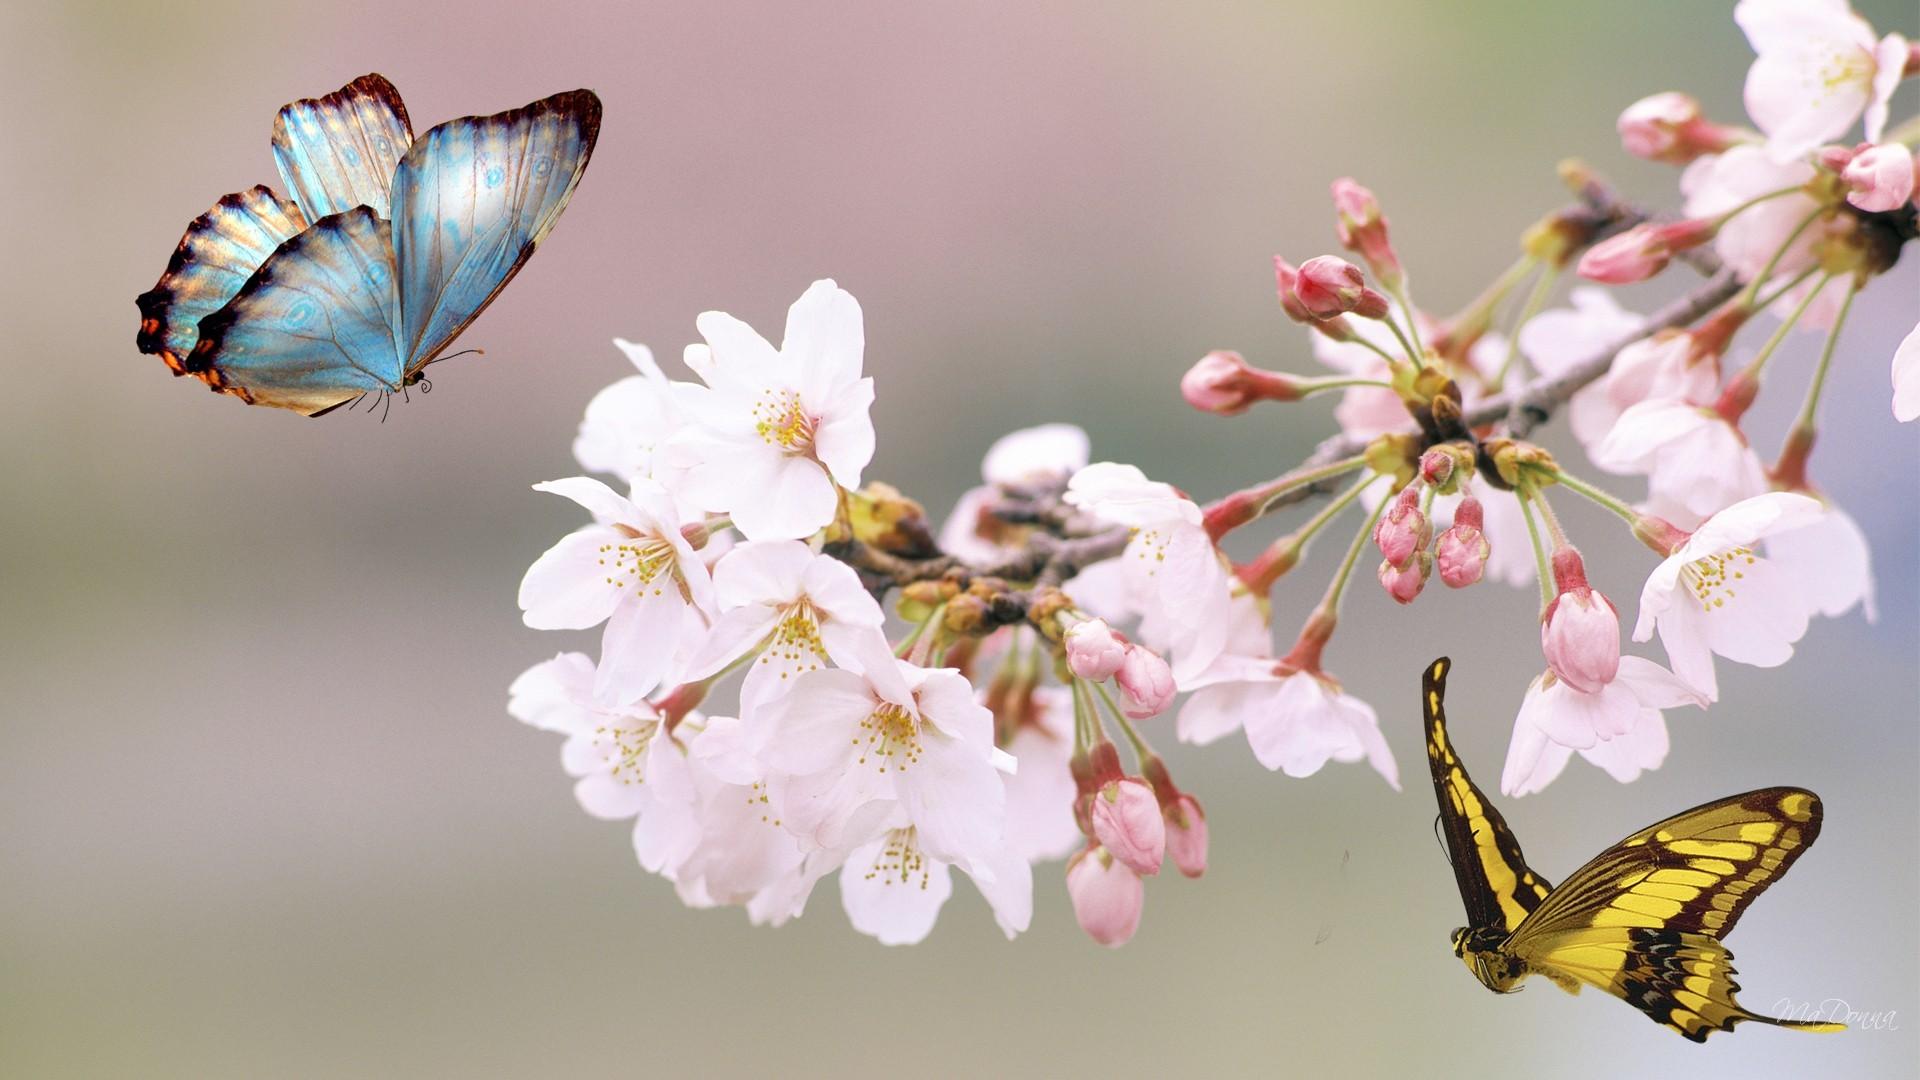 Sakura Tree Butterfly Flowers Japan Summer Free Hd - Cherry Blossoms And Butterflies - HD Wallpaper